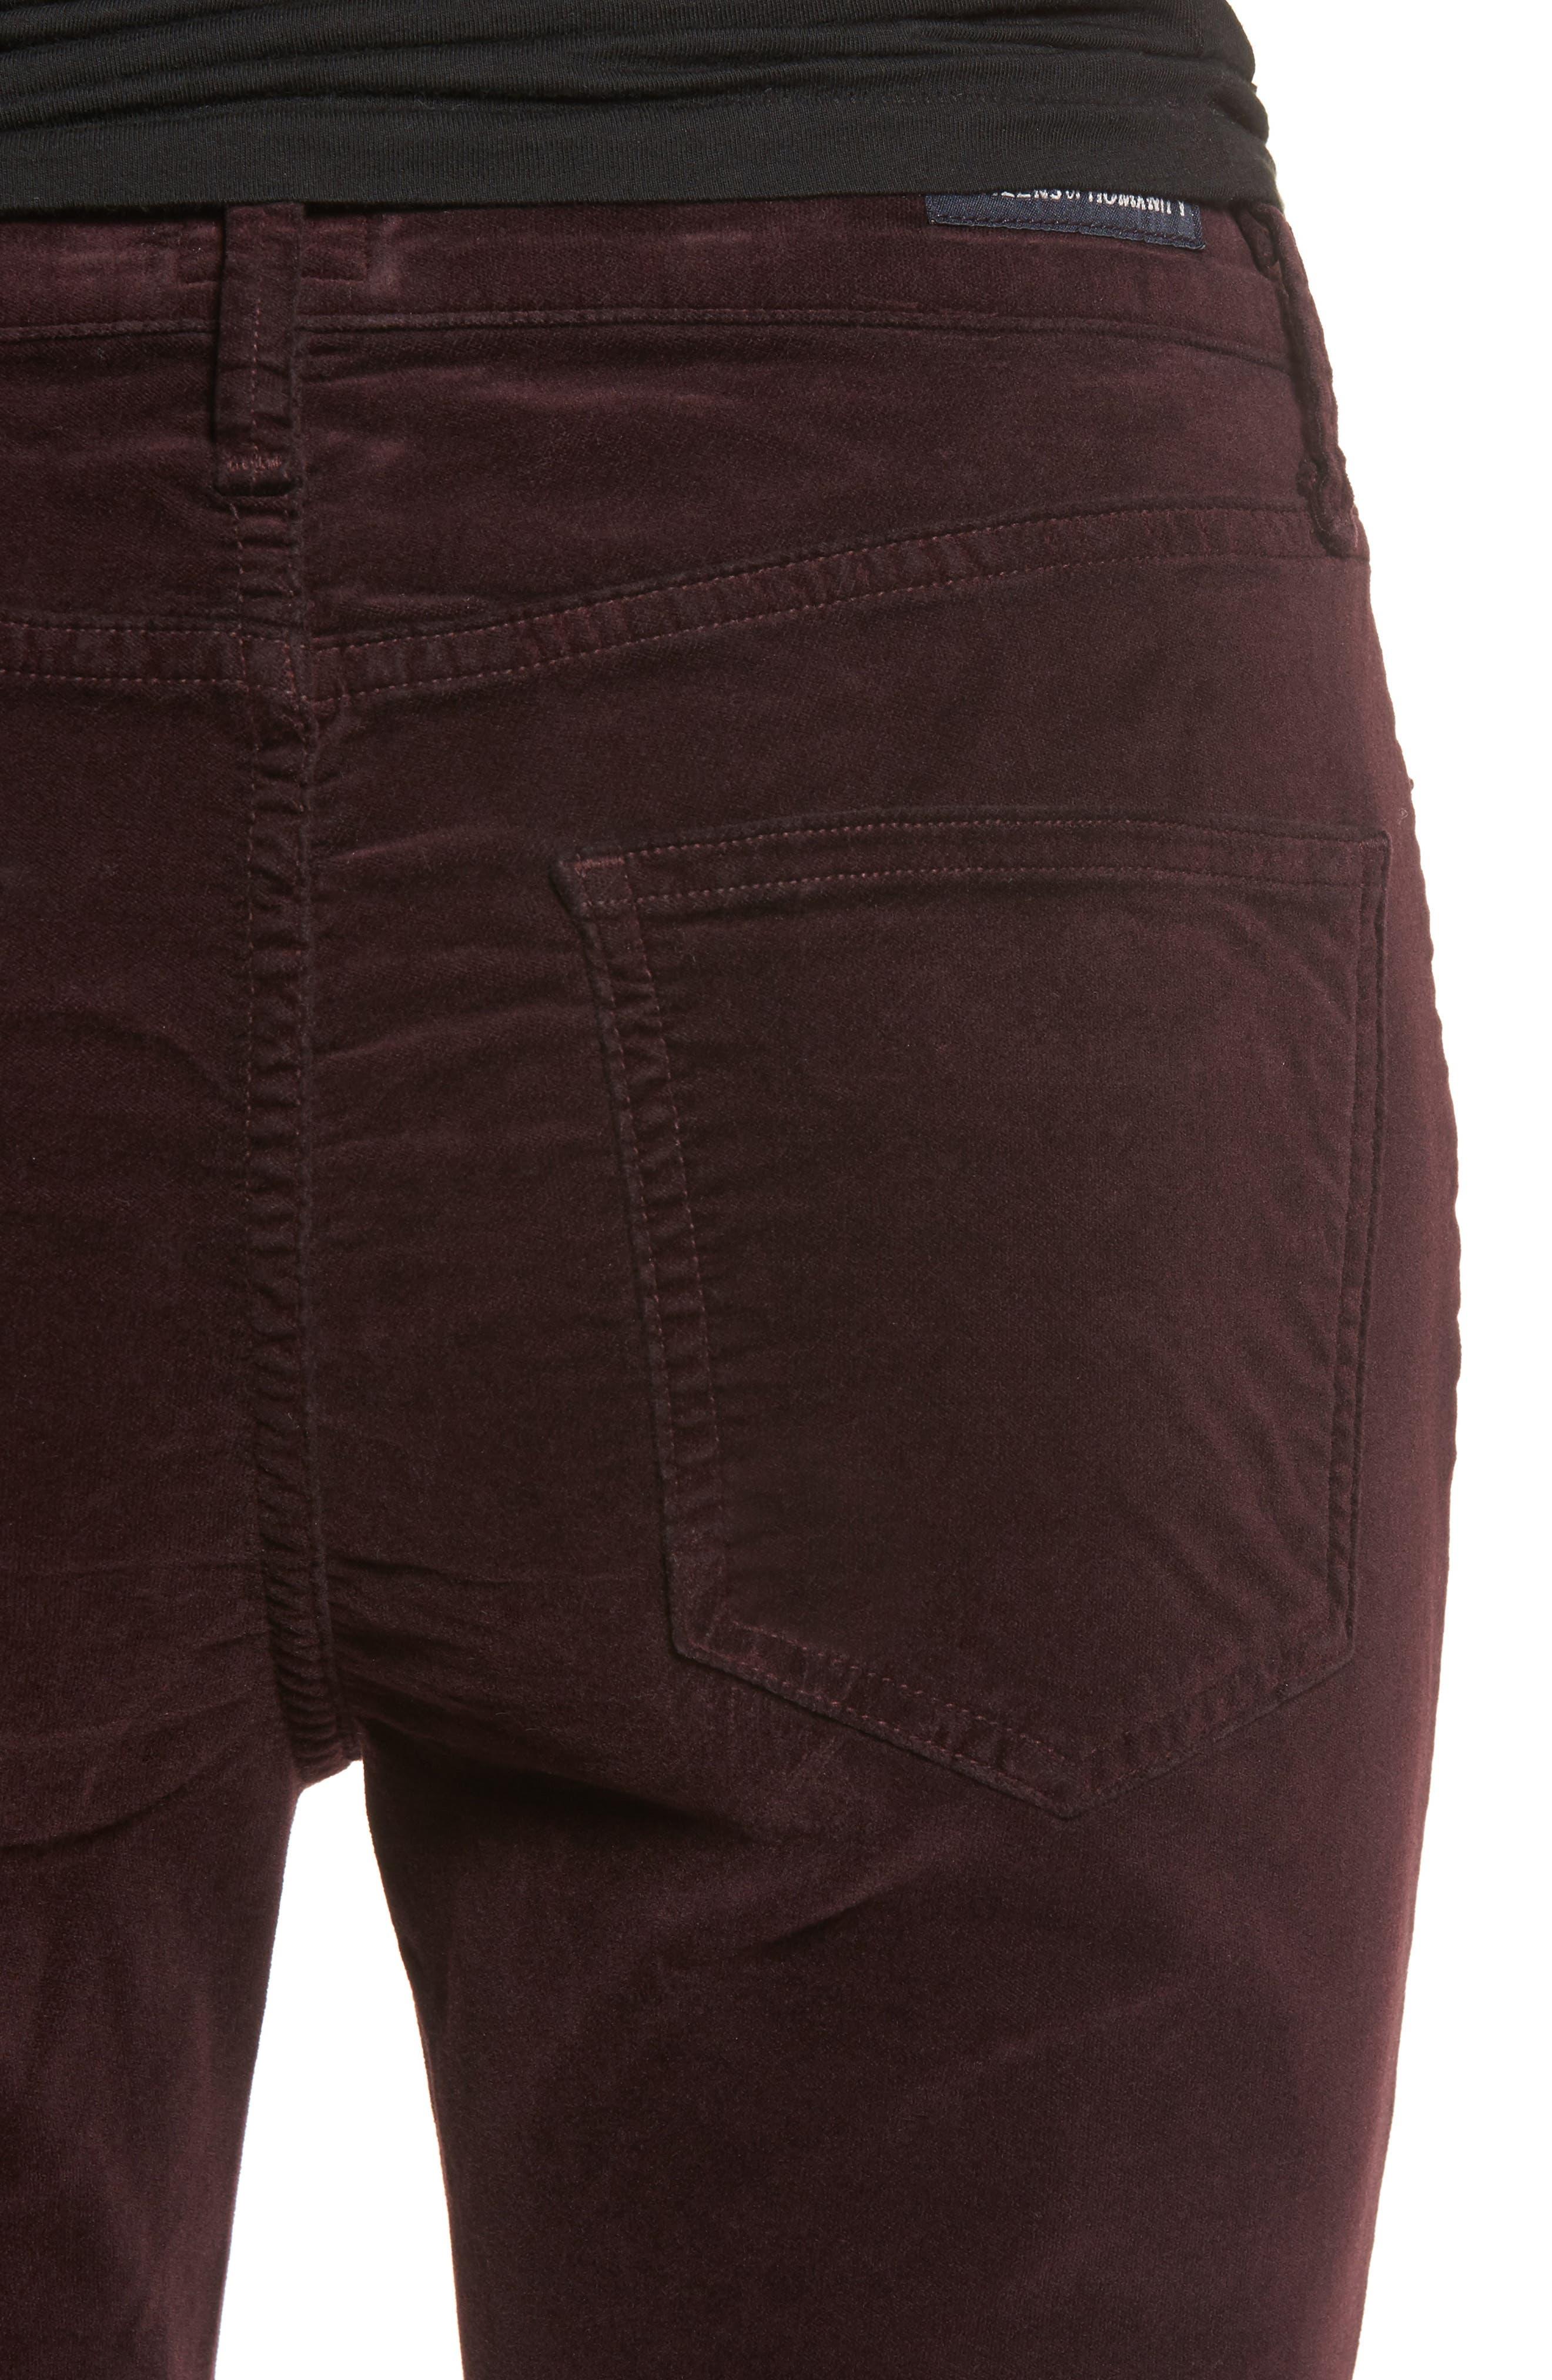 Rocket High Waist Velveteen Skinny Pants,                             Alternate thumbnail 4, color,                             Black Currant Velvet